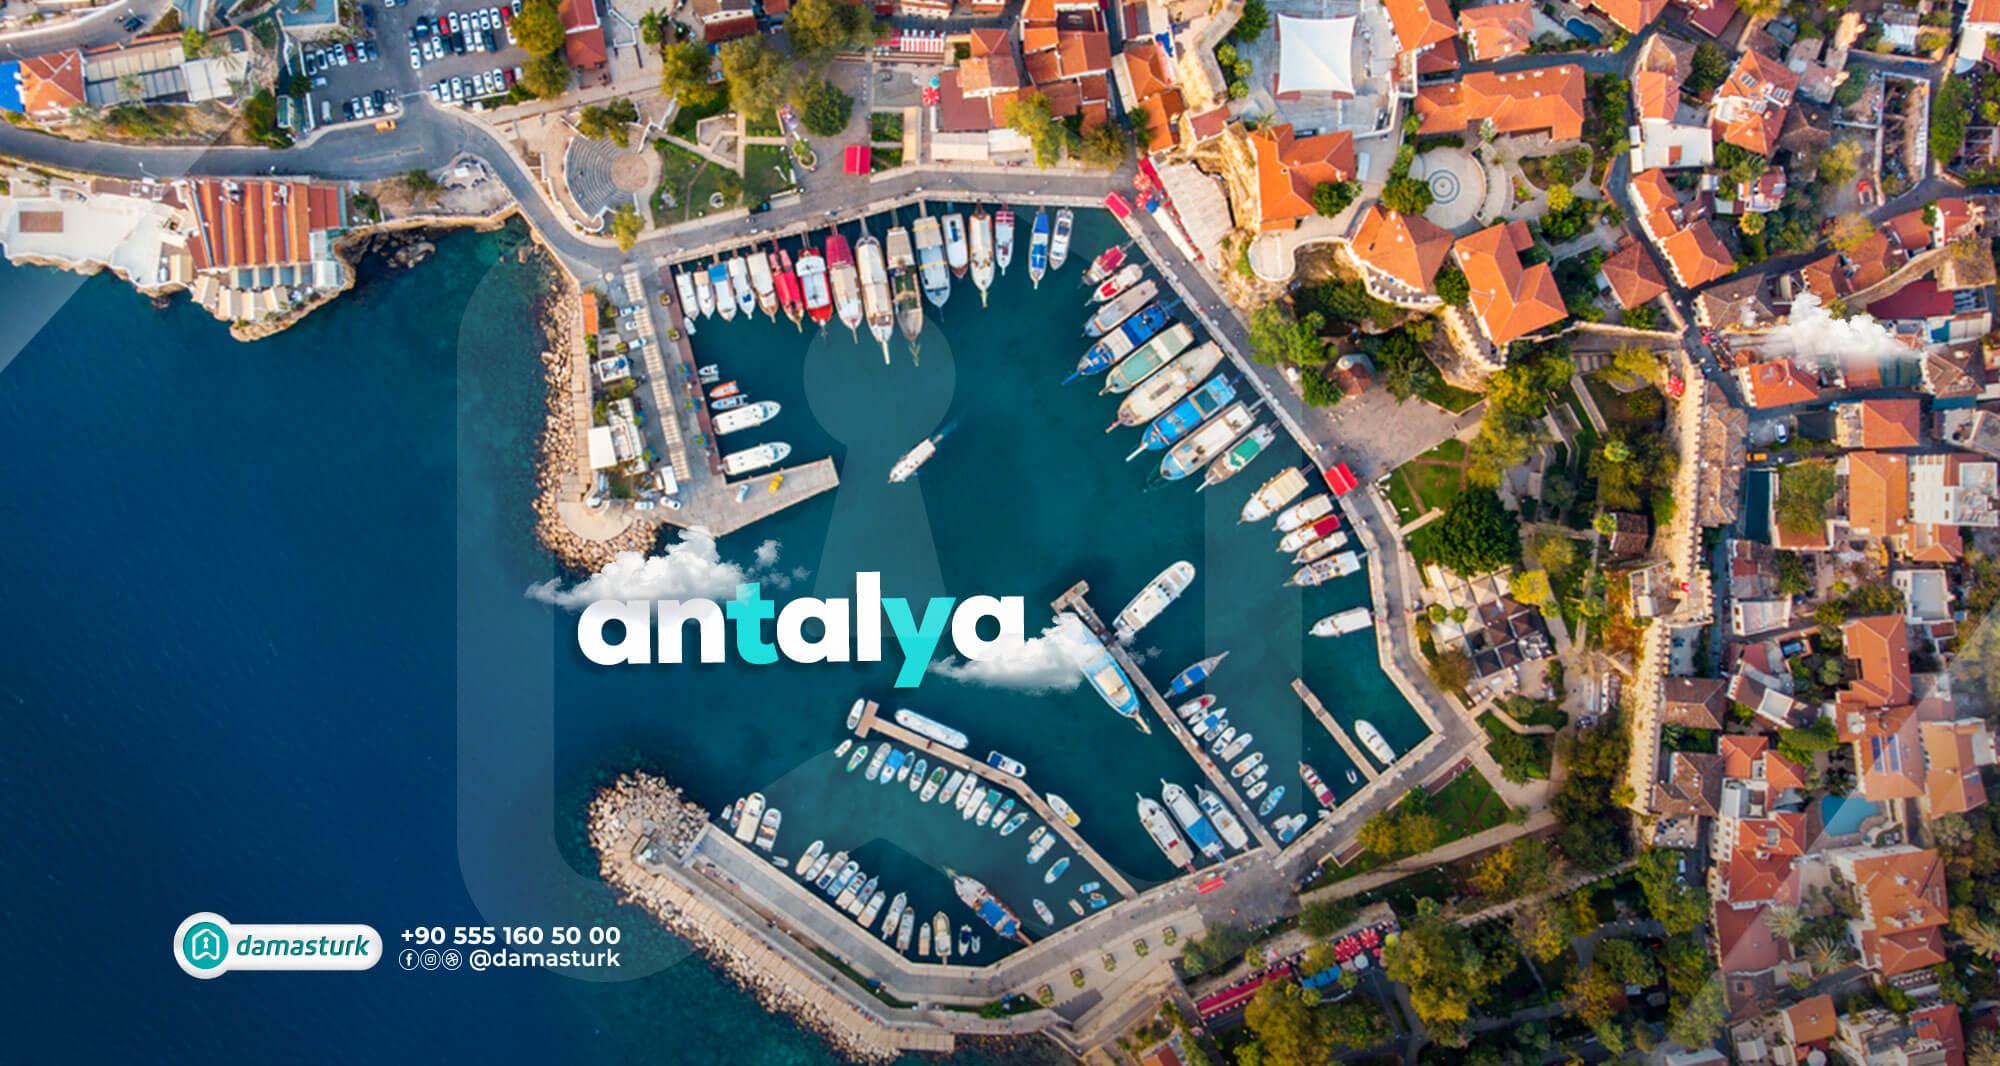 الاستثمار العقاري في أنطاليا 2021